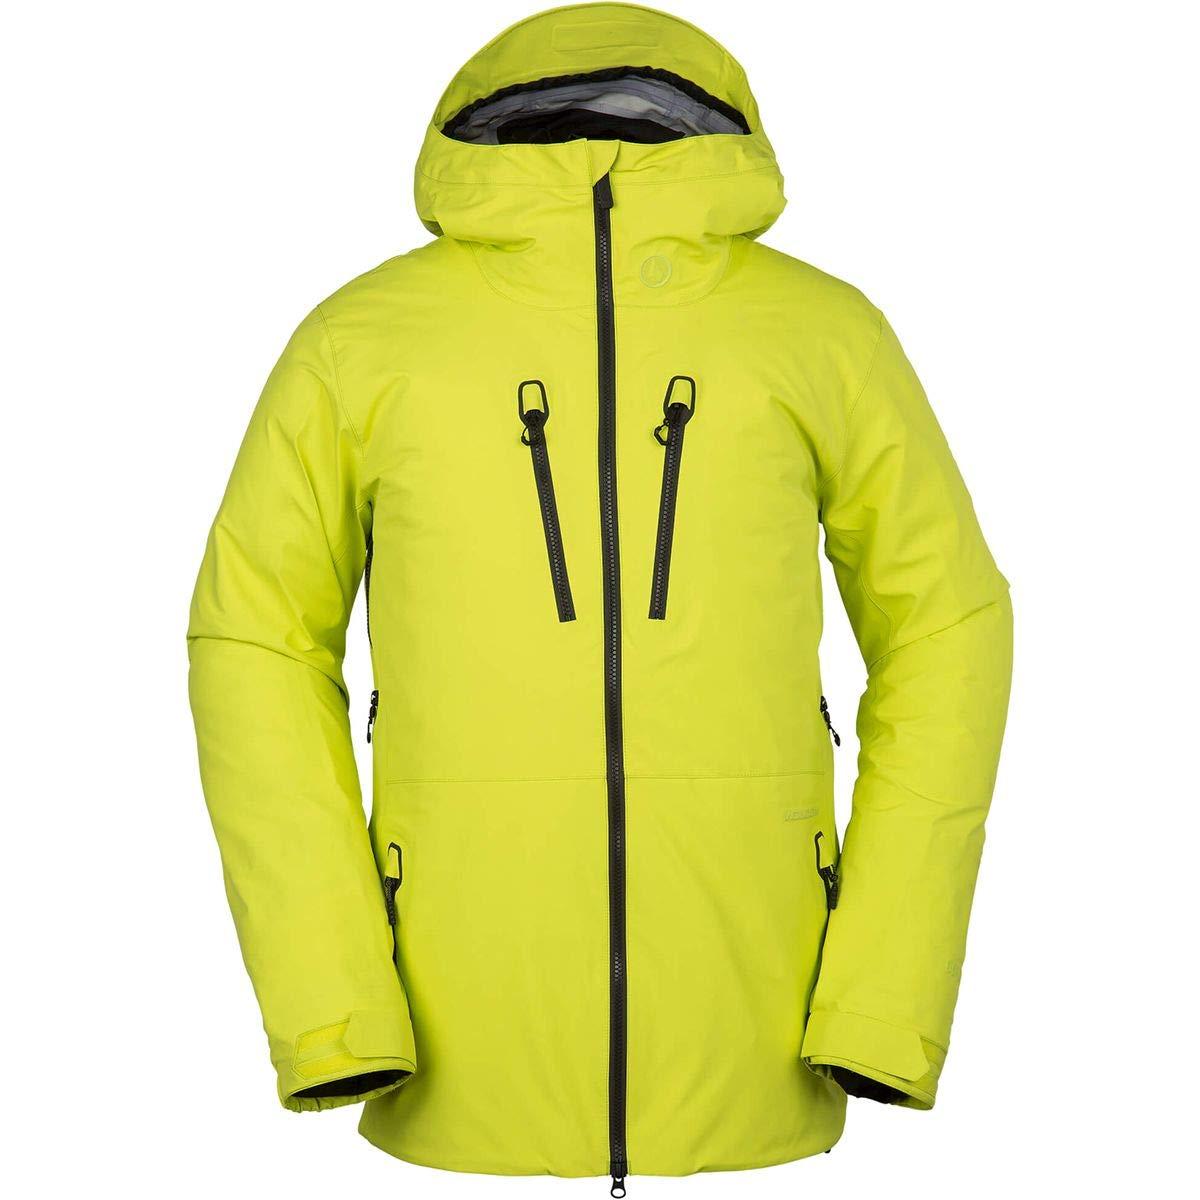 (ボルコム) Volcom TDS Infrared Gore-Tex Hooded Jacket メンズ ジャケットLime [並行輸入品] B07HR47K1H 日本サイズ LL (US L)|Lime Lime 日本サイズ LL (US L)